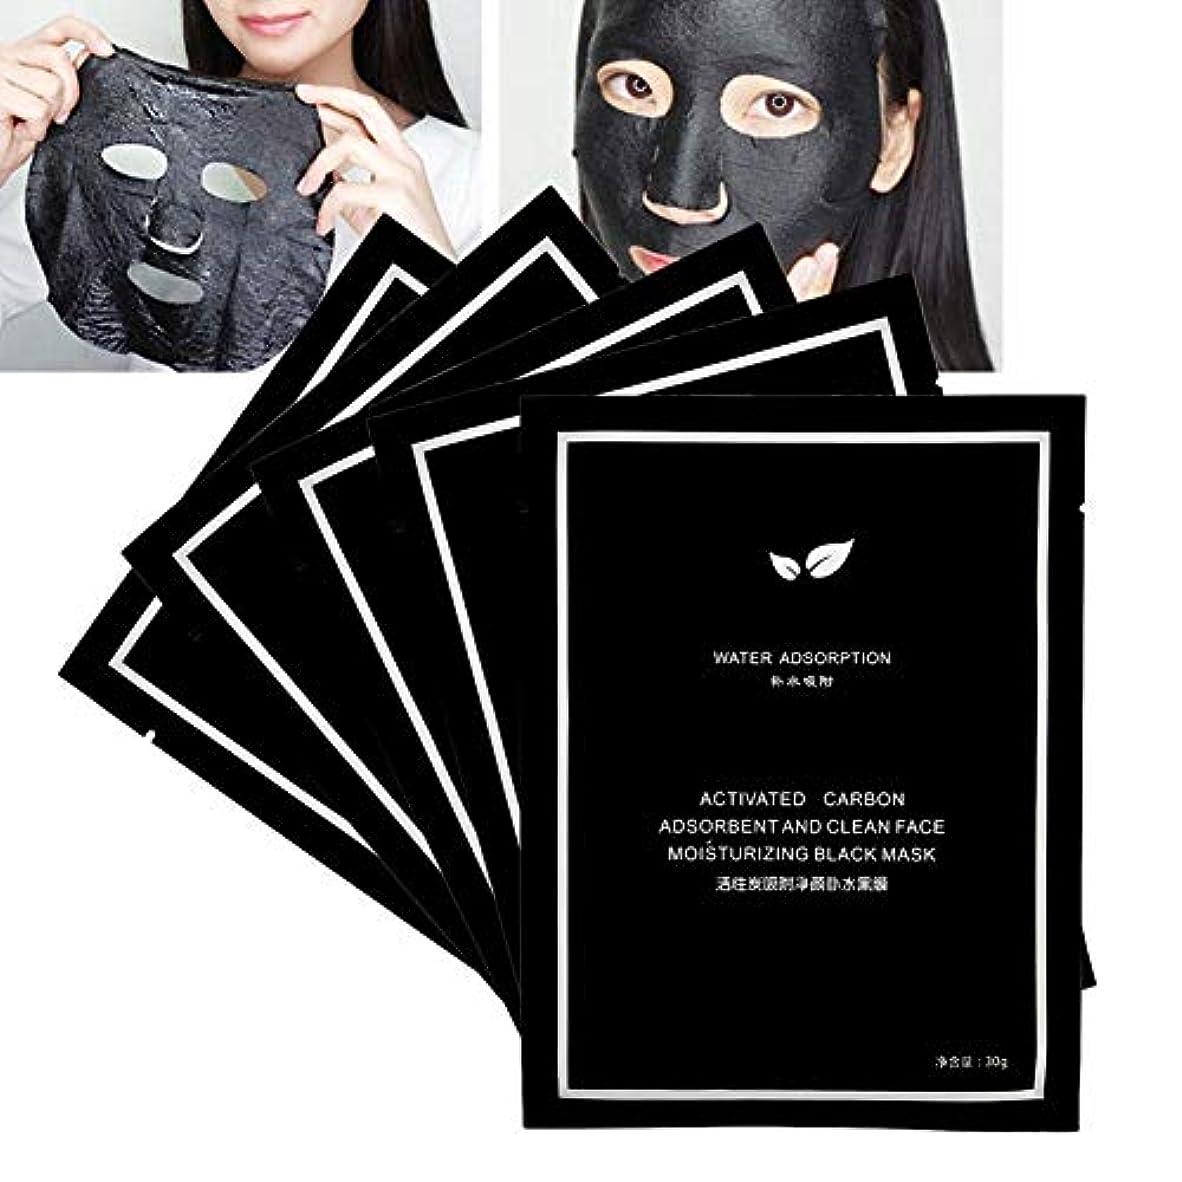 宗教ファーム異議5枚セット 活性炭マスク 保湿 フェイスブラックマスク オイルコントロールブラックヘッドの除去汚れ除去スキンケア